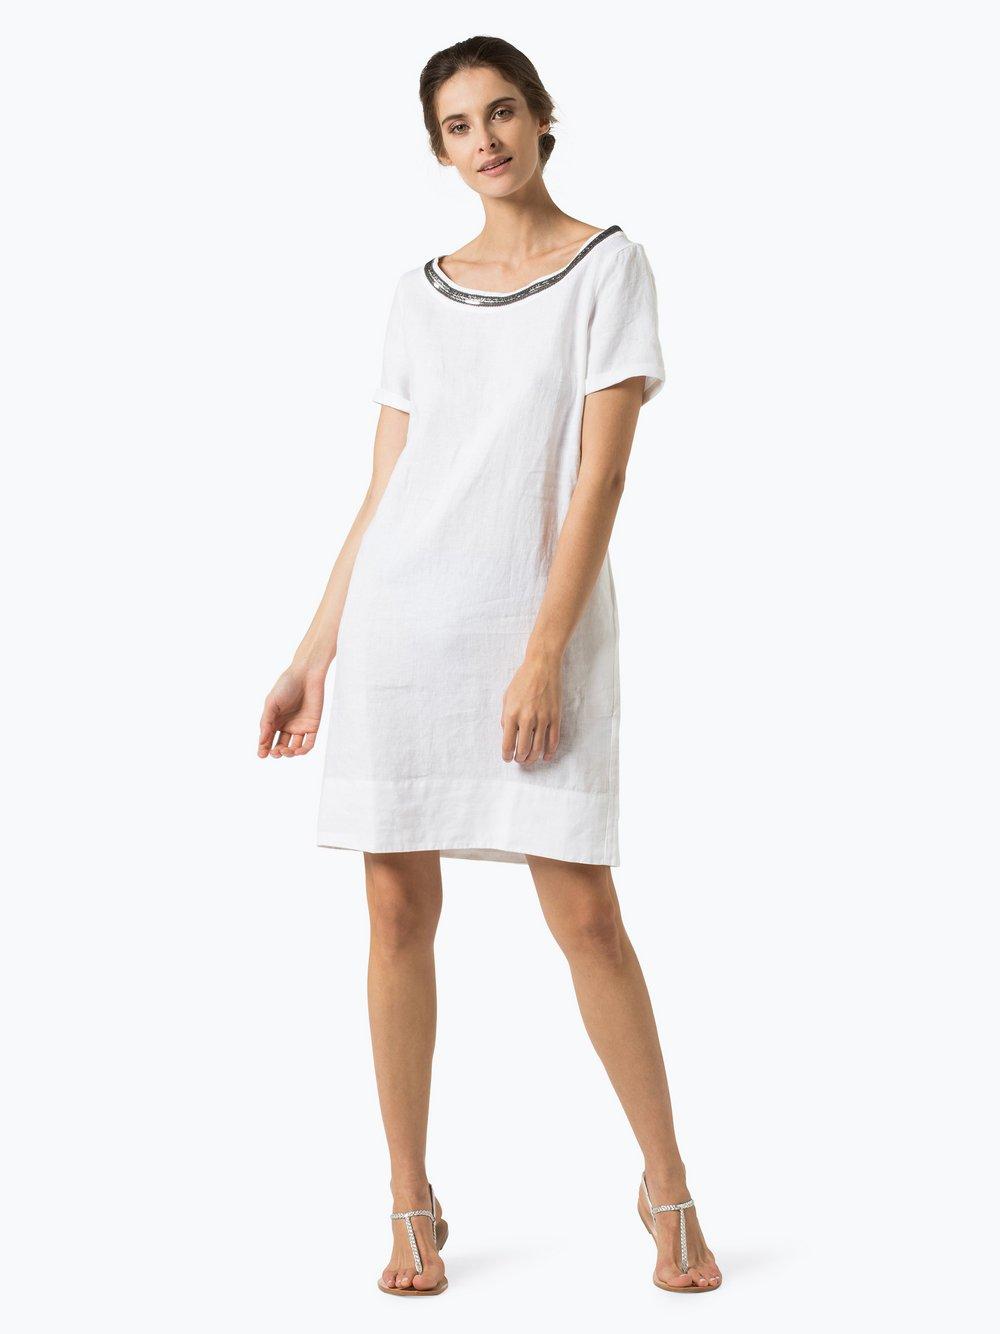 0039 Italy Damen Kleid aus Leinen - Holiday Eve weiß uni online ...